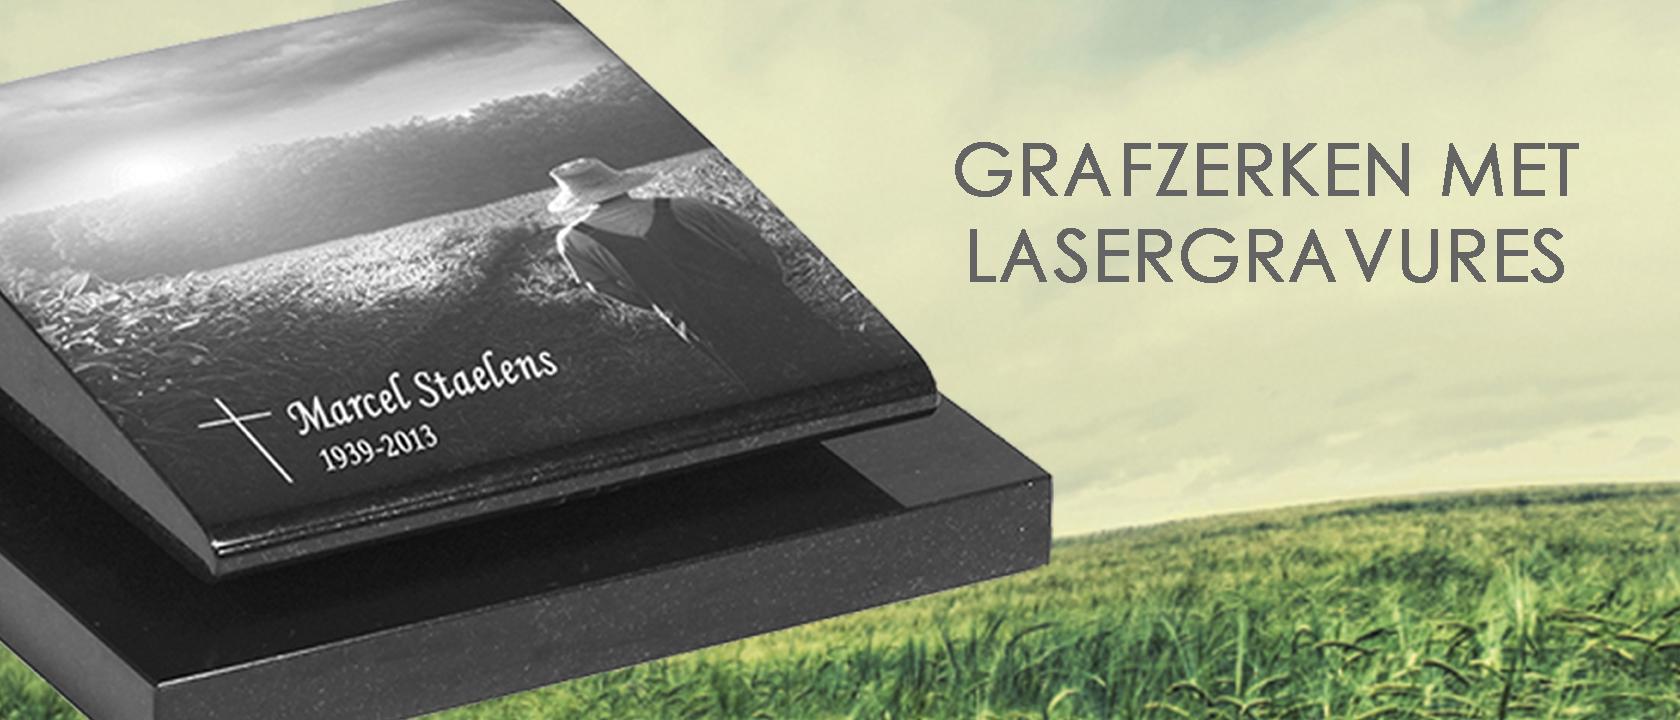 Grafzerken met lasergravure